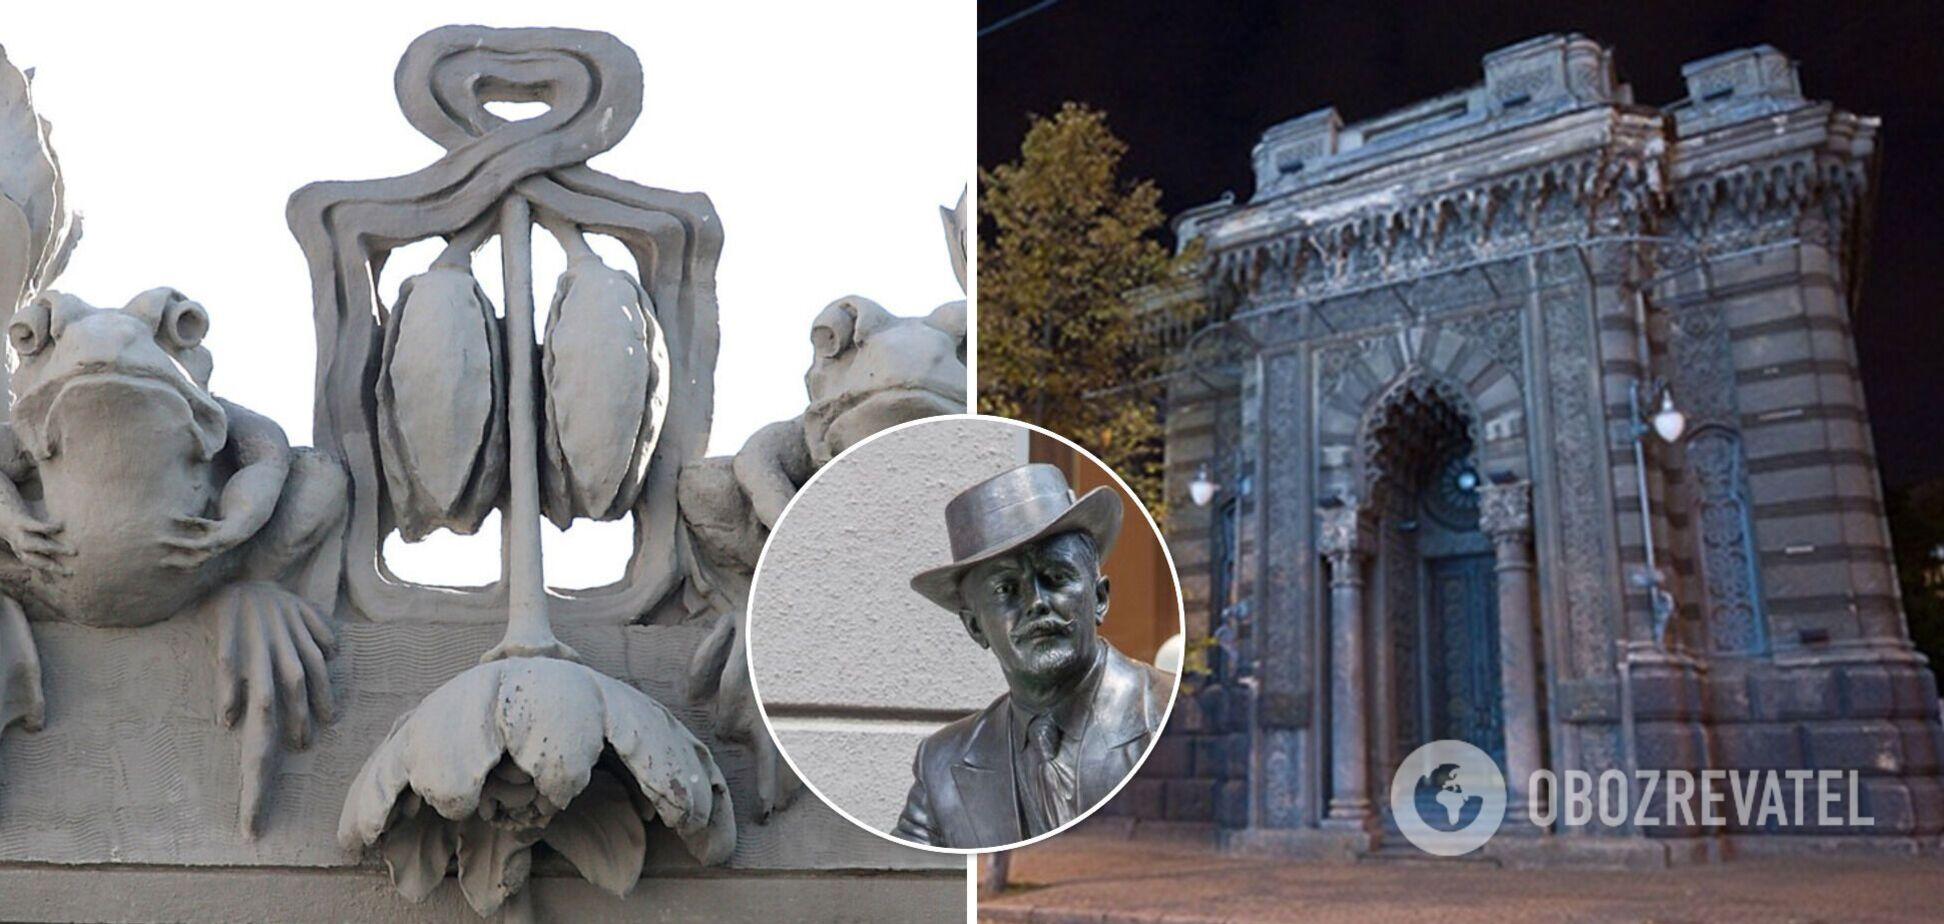 Жабы на крыше и скульптуры святых: топ киевских шедевров архитектора Городецкого